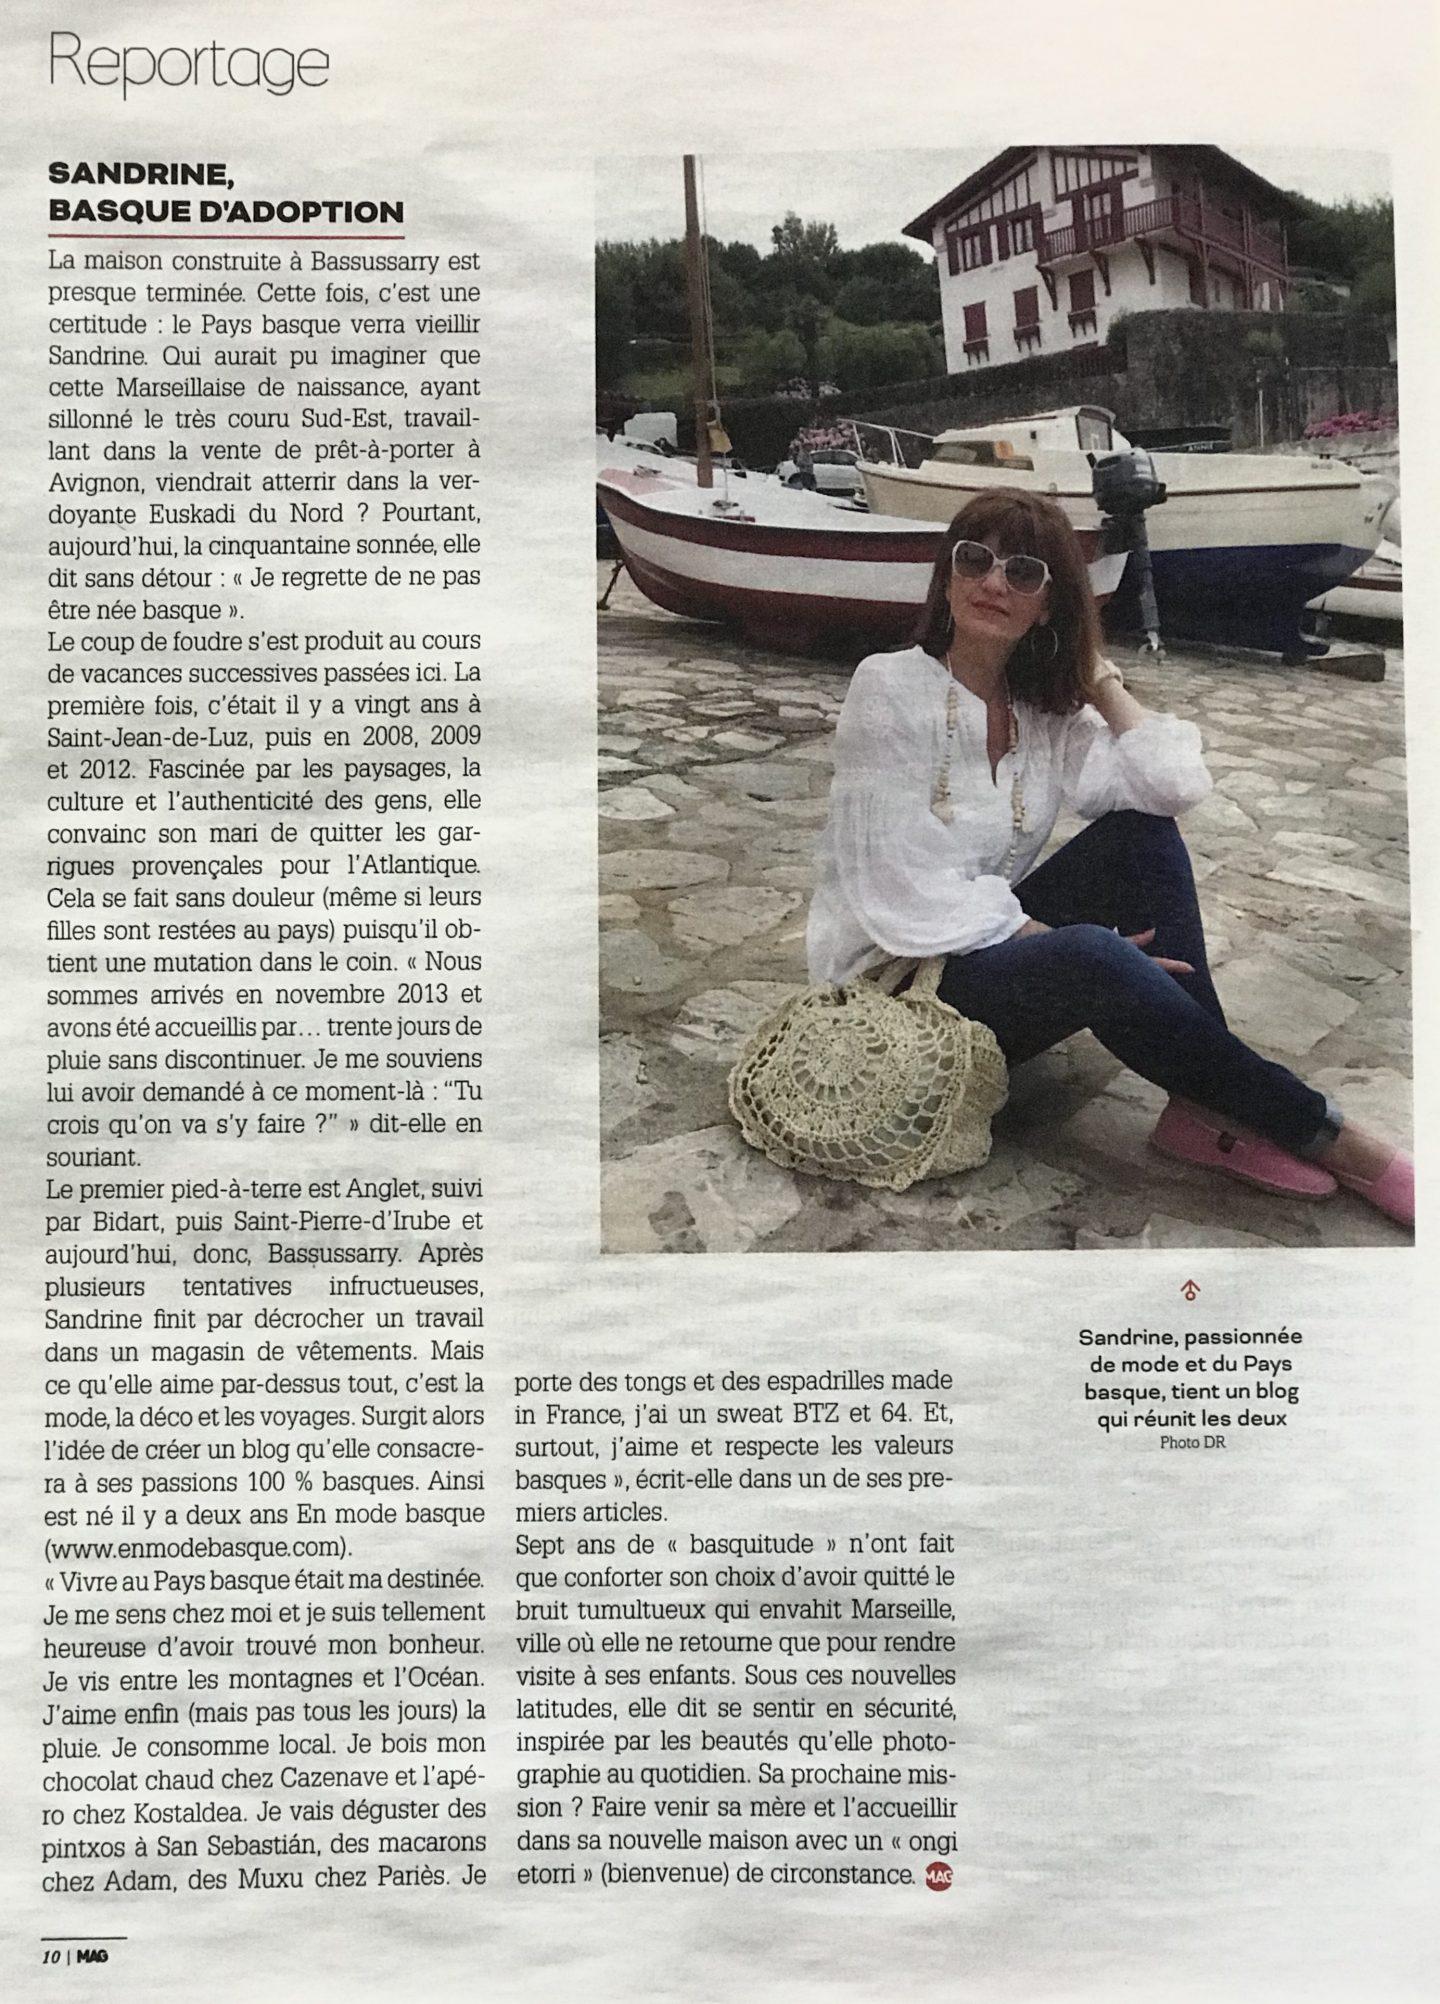 changer de vie et s'installer au pays Basque